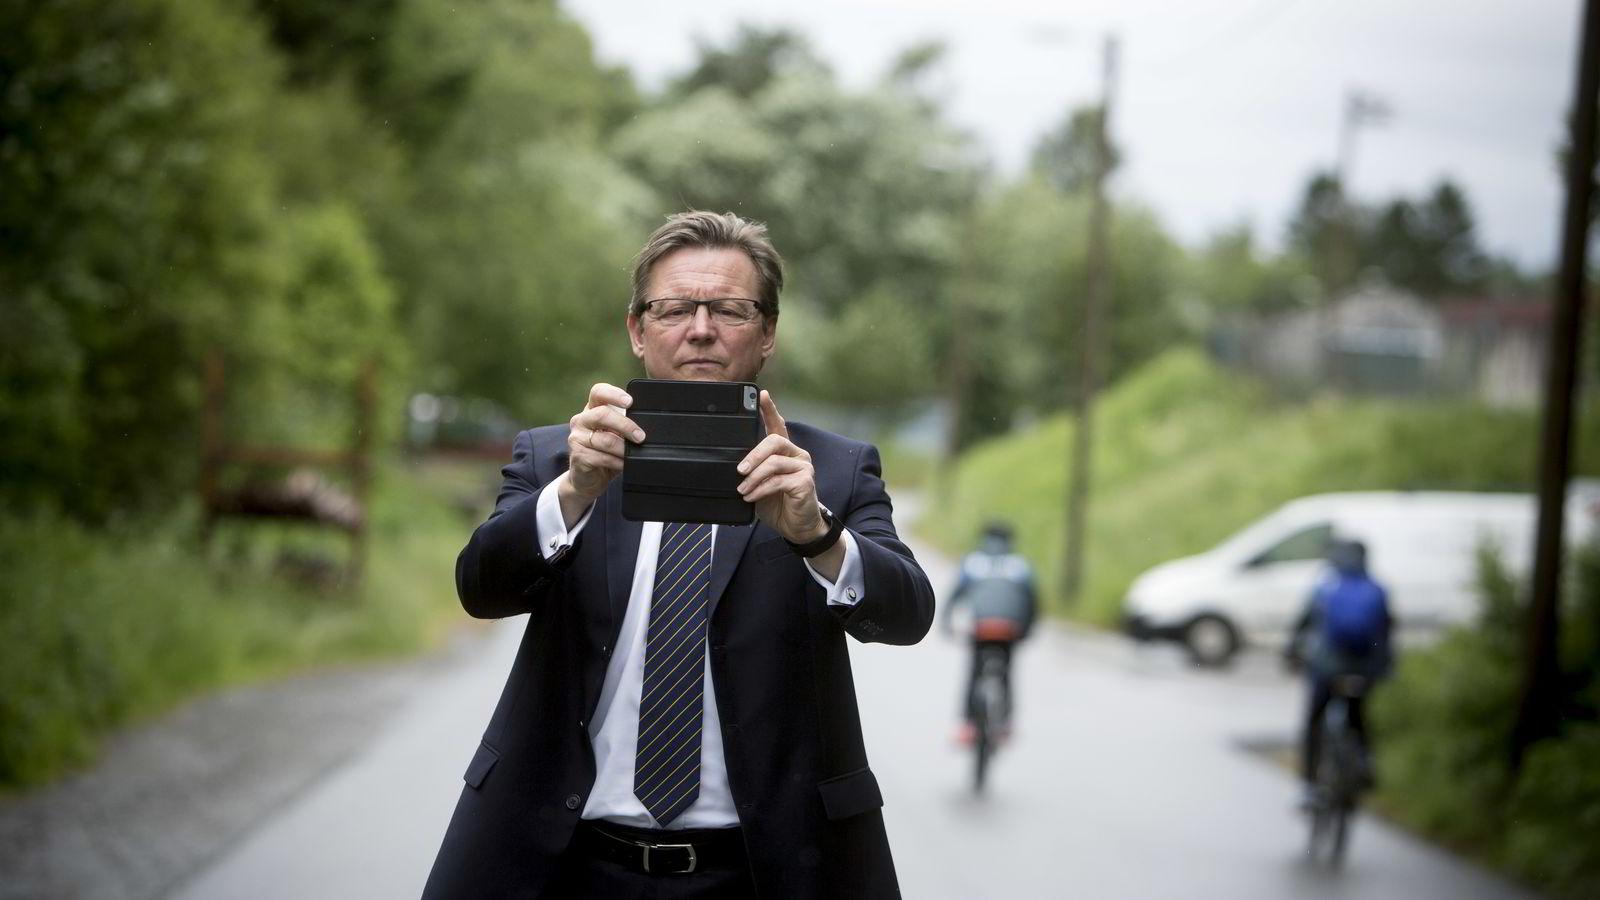 Administrerende direktør Øyvind Isaksen i Polight forsøker å fotografere DNs journalist med mobilkameraet. Går det som han vil, kommer mobilen i fremtiden til å inneholde en linse utviklet i Norge.